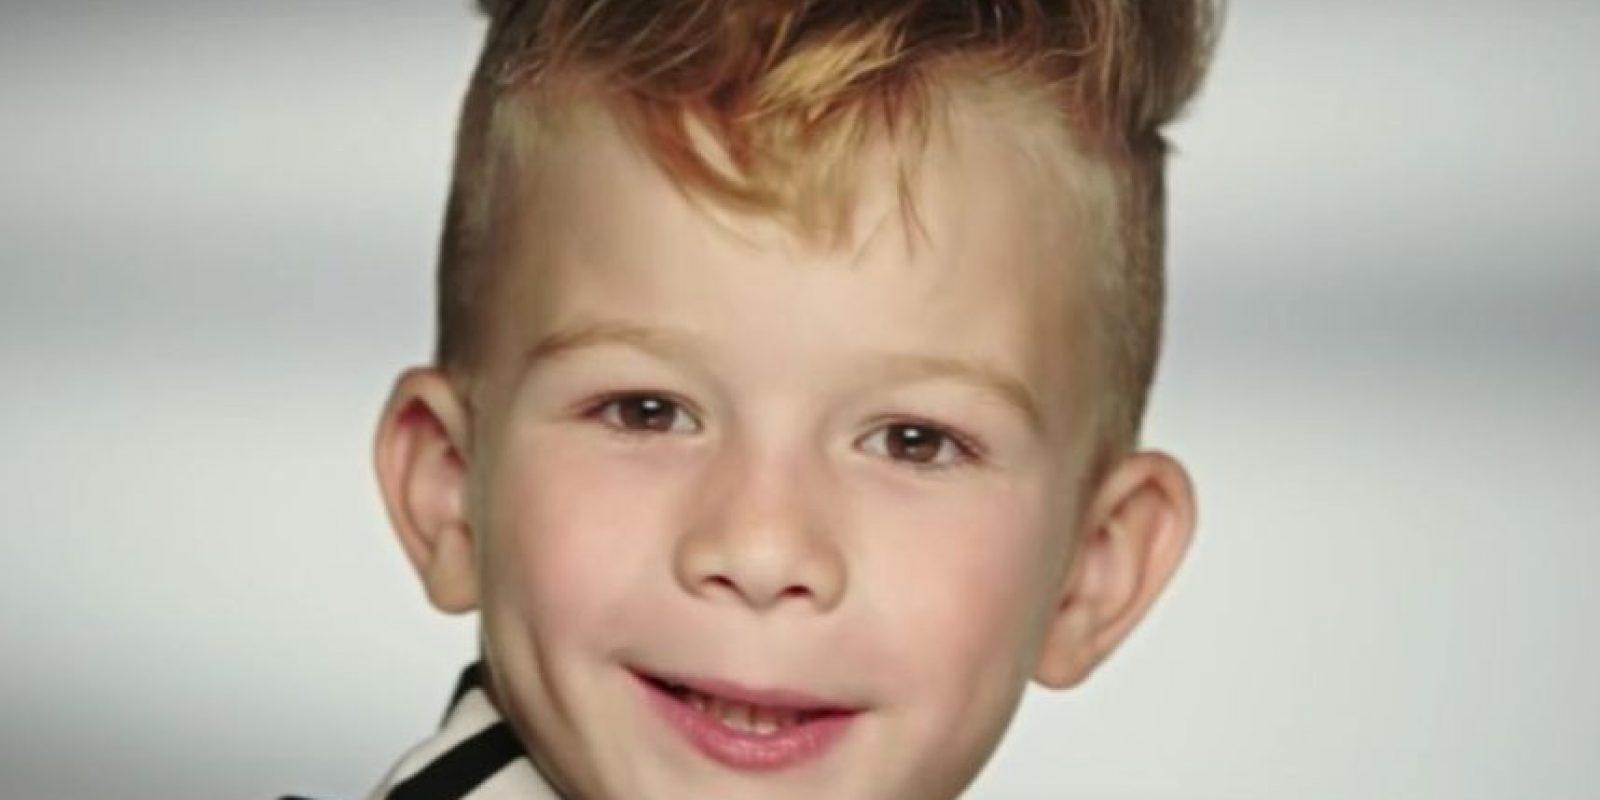 1. El niño que causó polémica por jugar con una Barbie en comercial de Moschino Foto:Vía Youtube